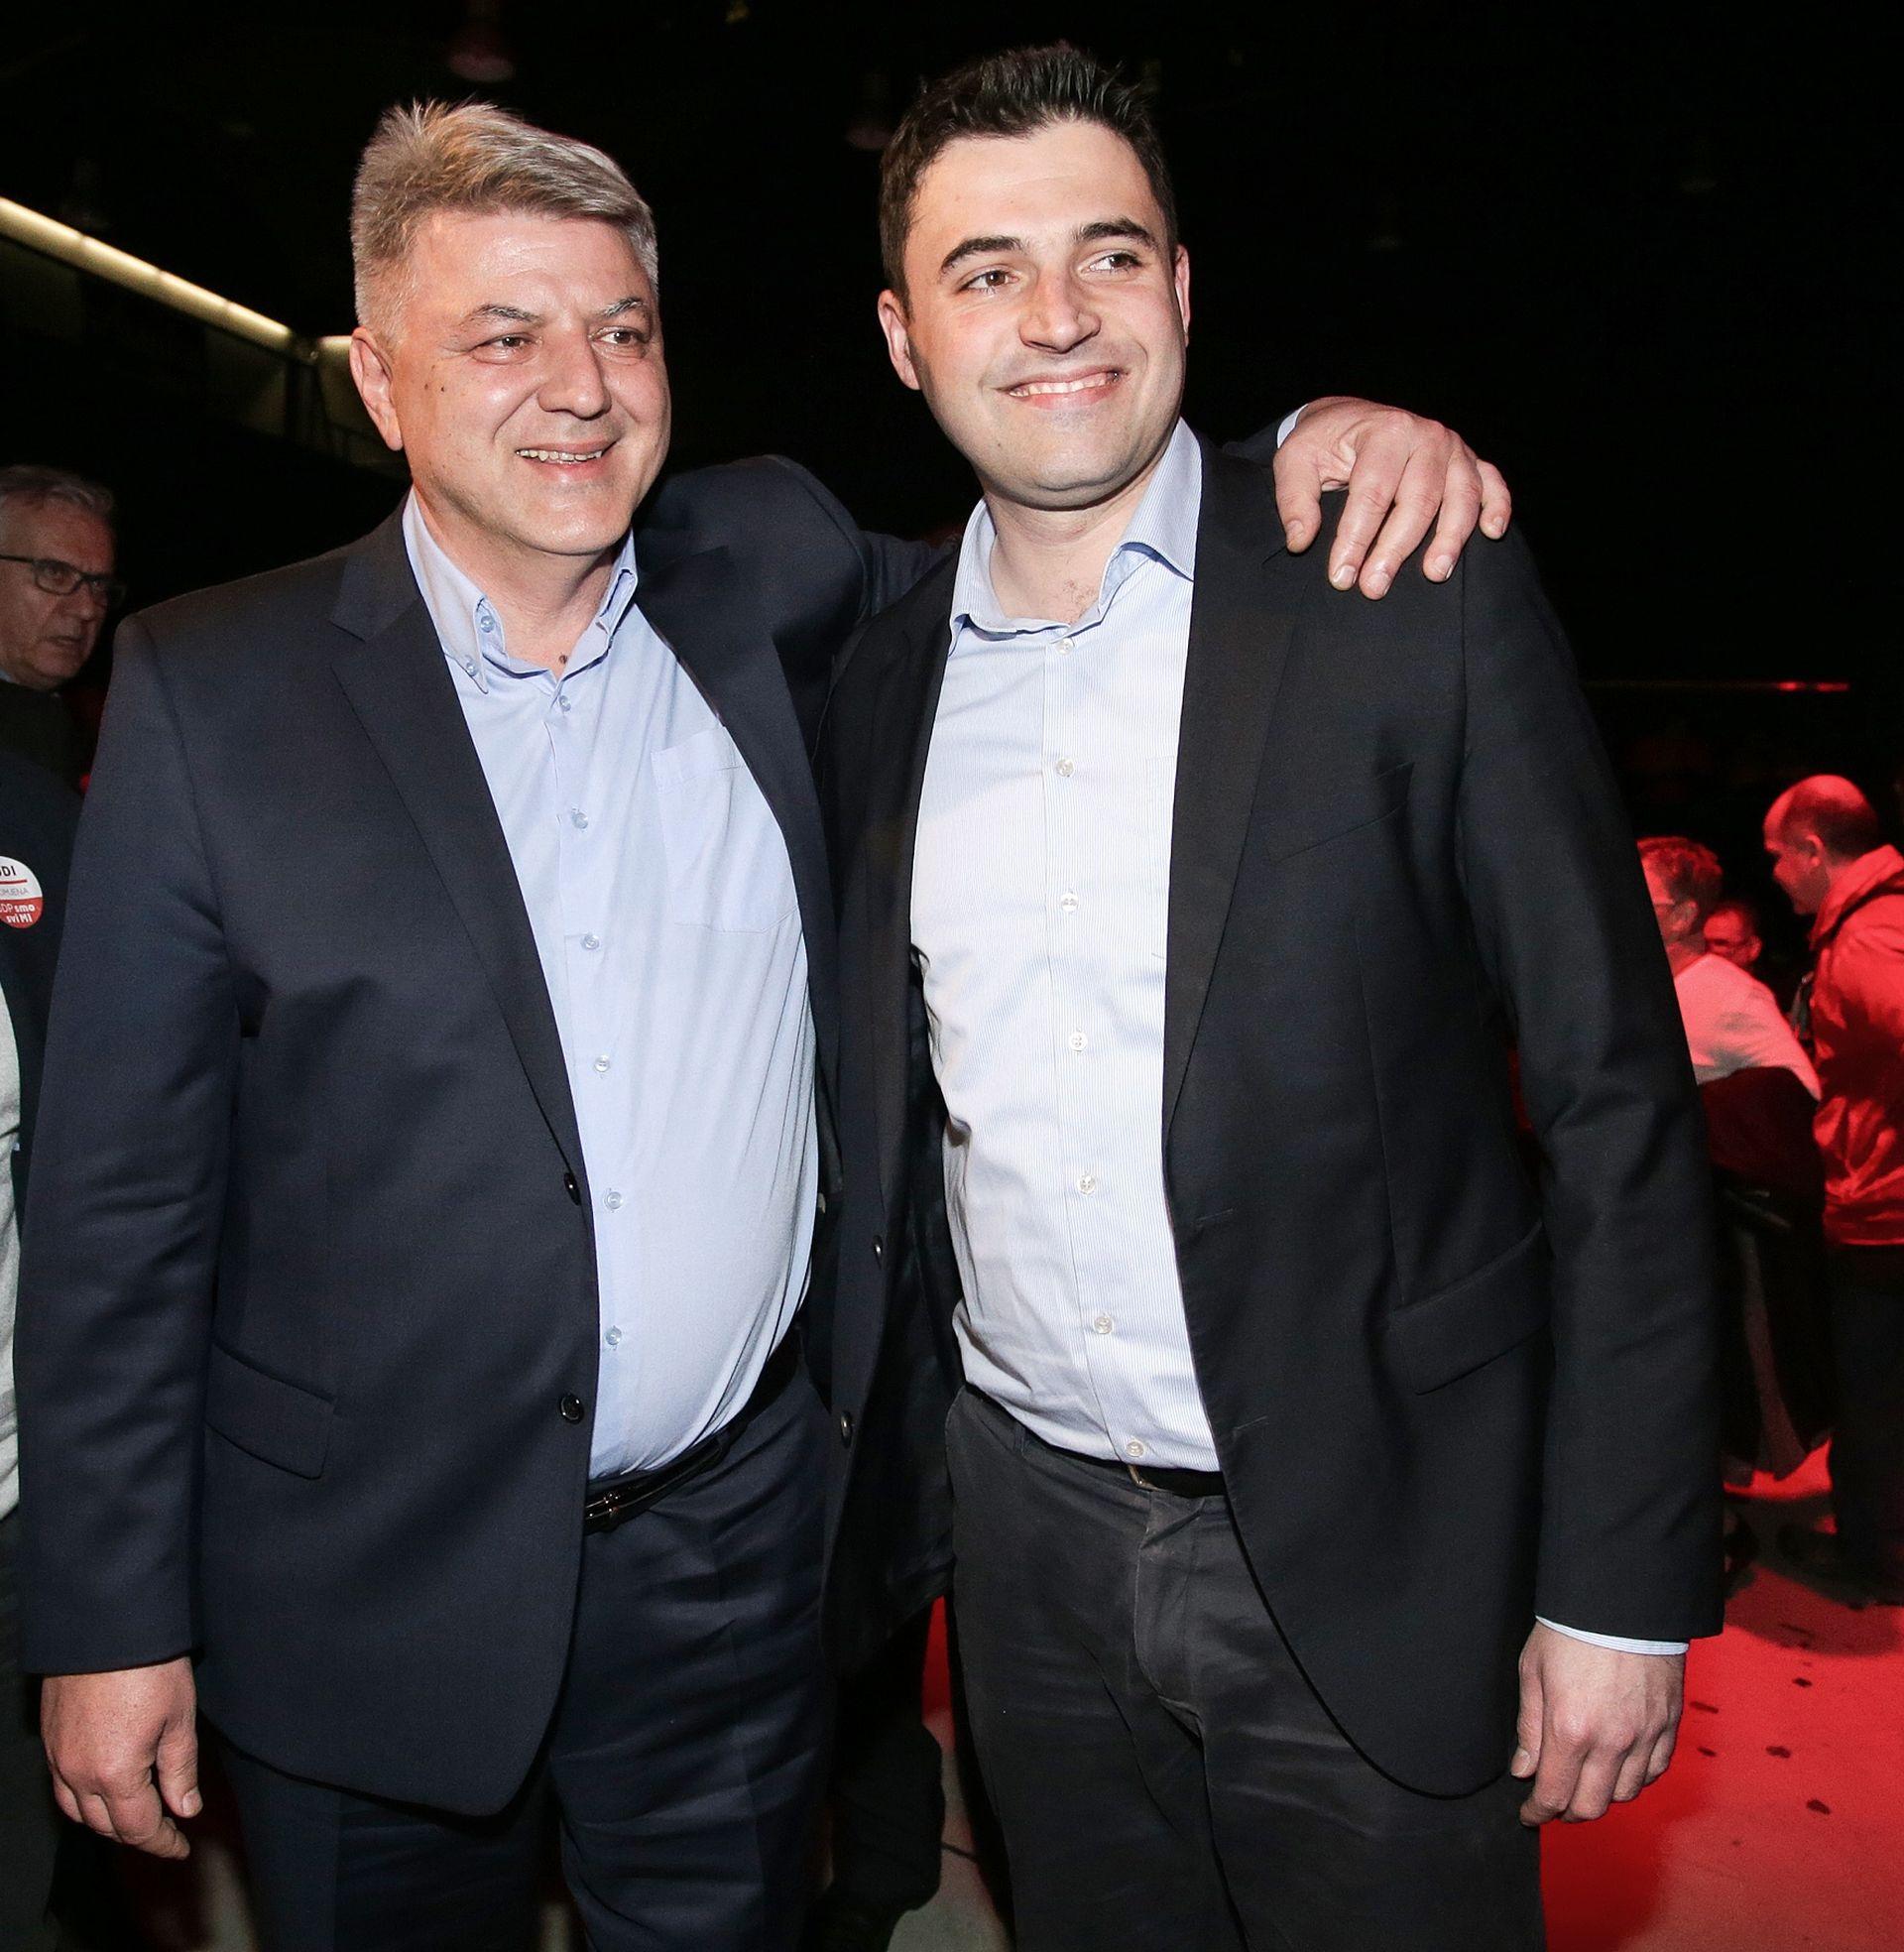 UNUTARSTRANAČKI IZBORI: Komadina pozvao SDP-ovce da za predsjednika biraju Bernardića